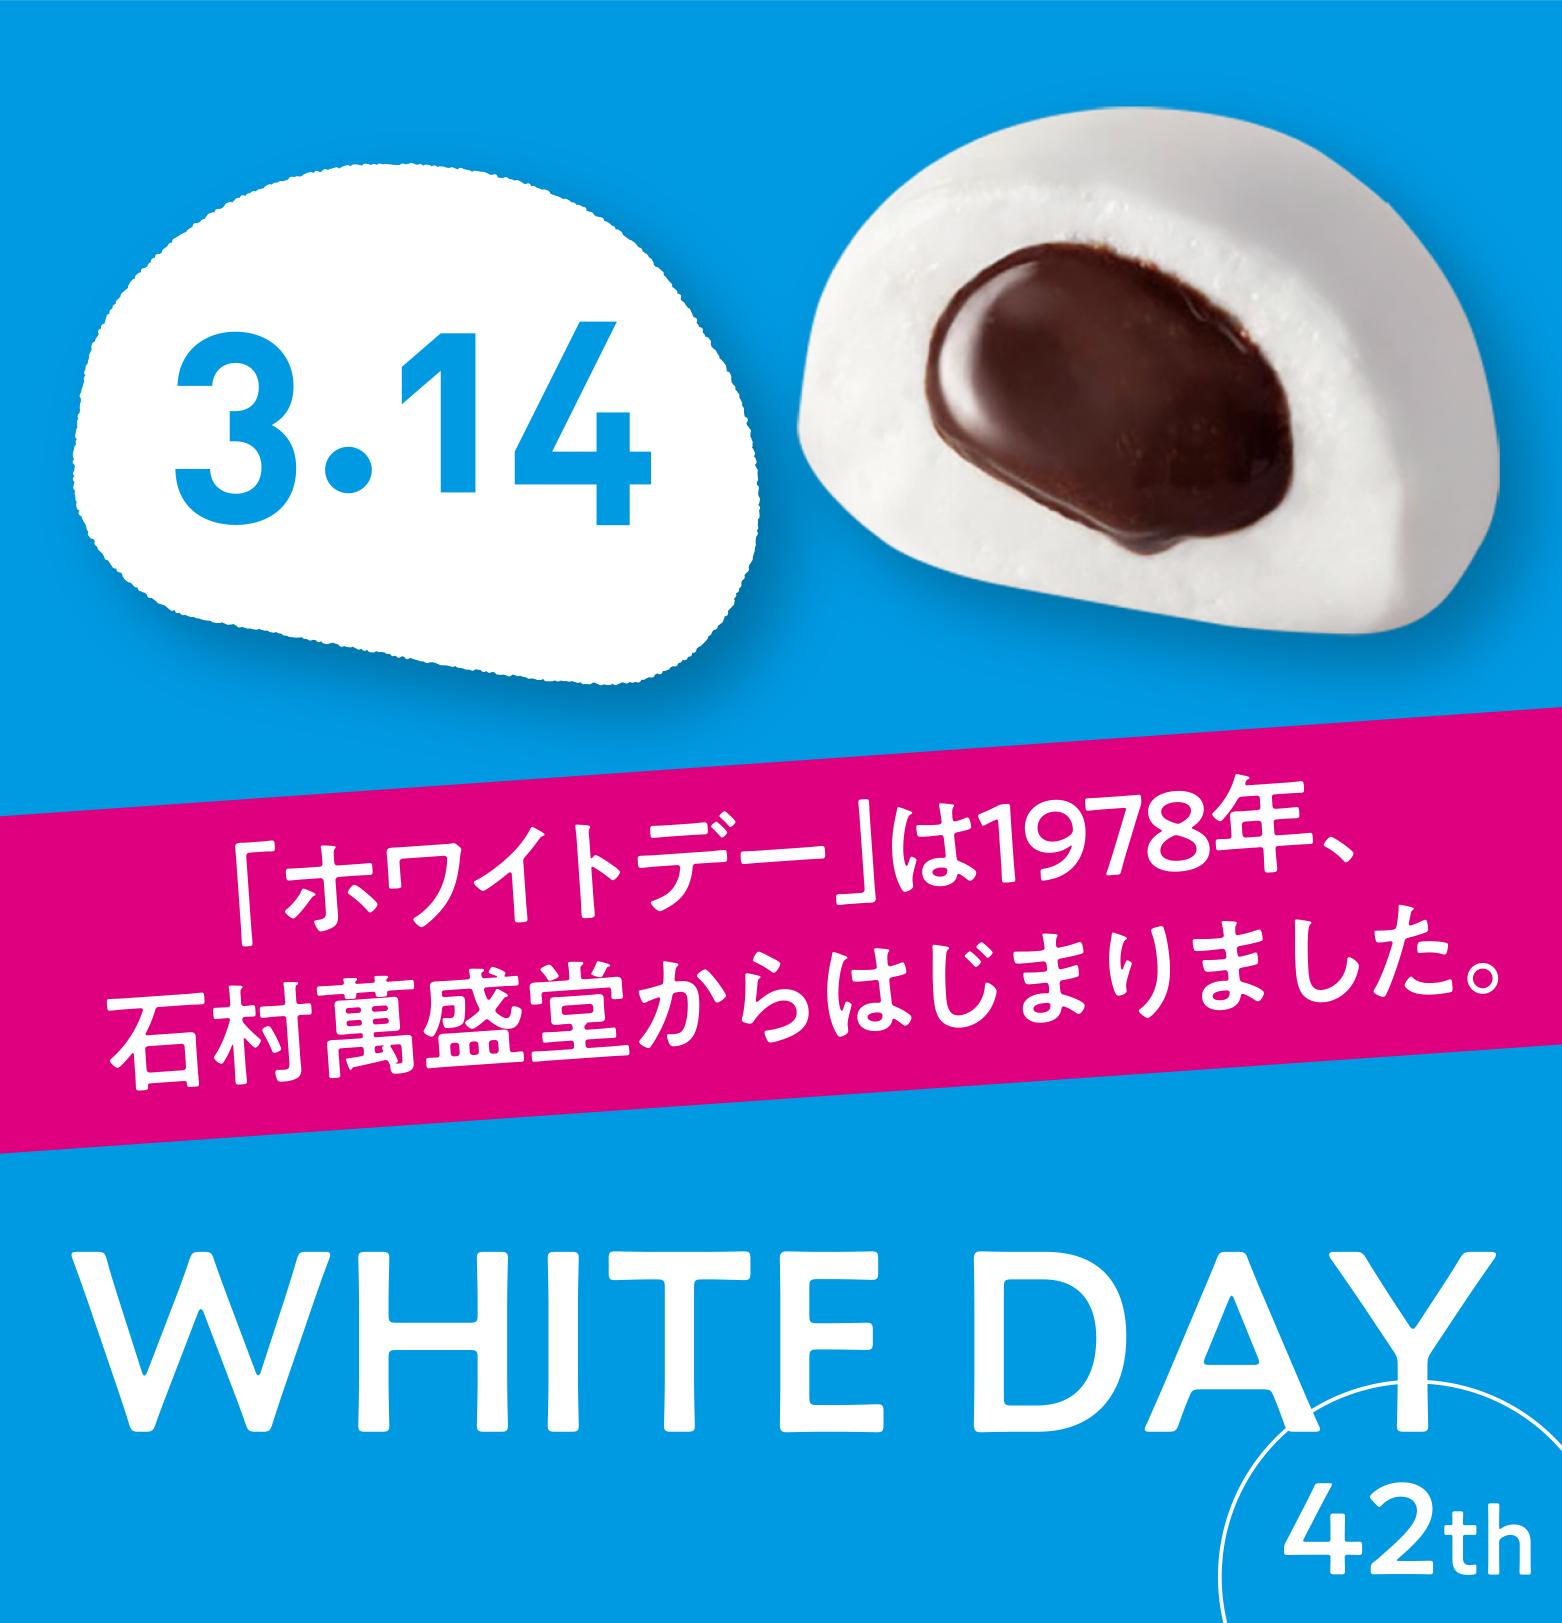 3.14「ホワイトデー」は1978年、石村萬盛堂からはじまりました。WHITE DAY 42th